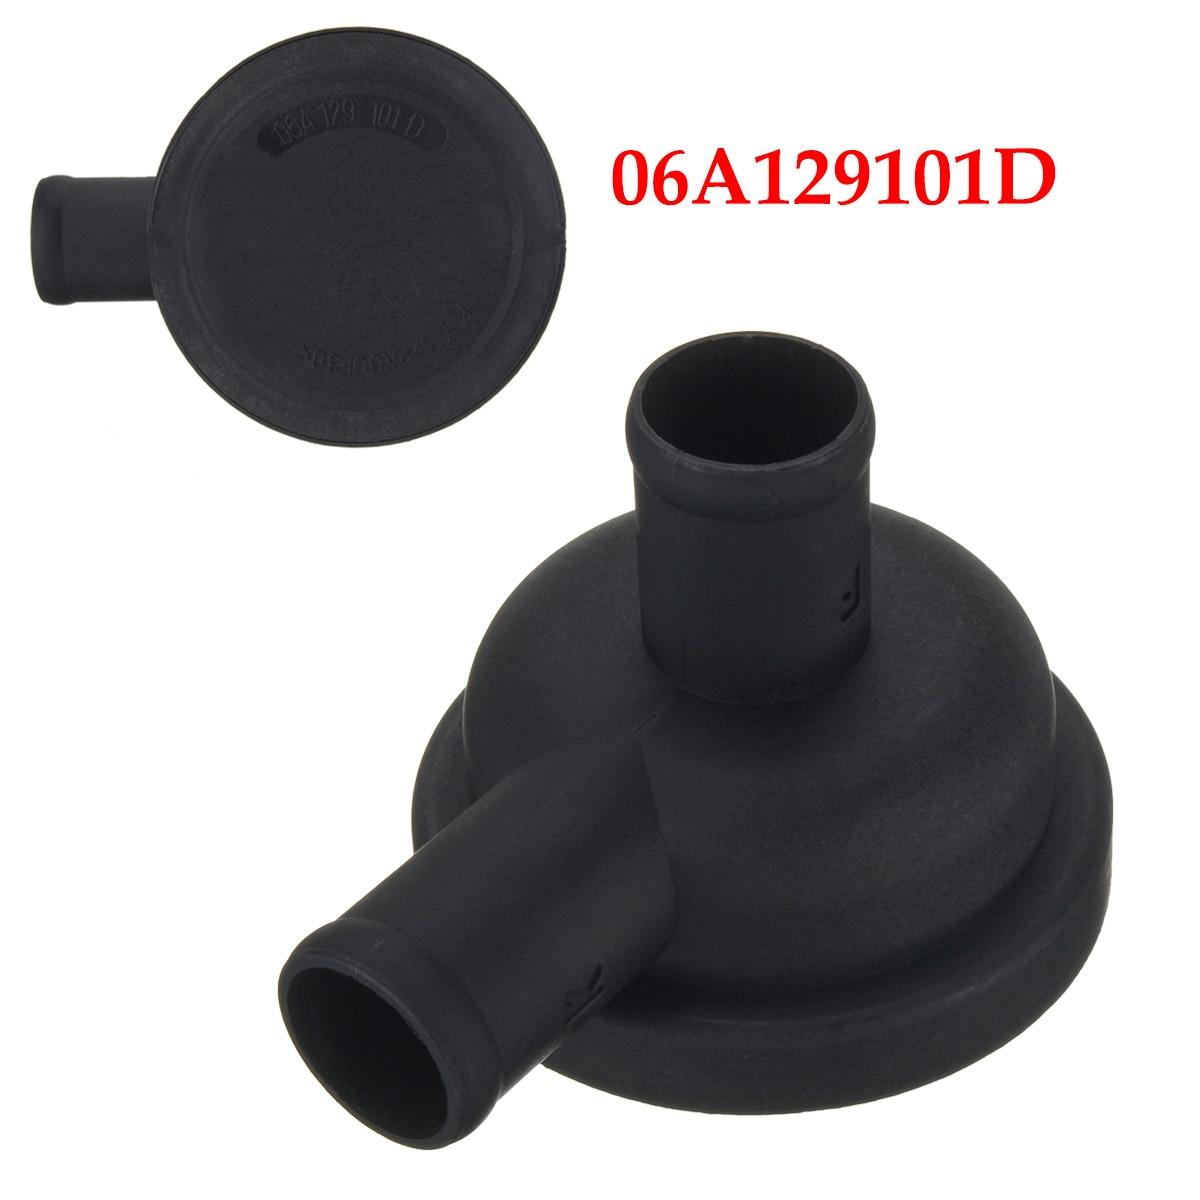 Válvula de purga del respiradero del cárter del coche PCV para VW Passat Jetta Golf/Audi A4 06A129101D